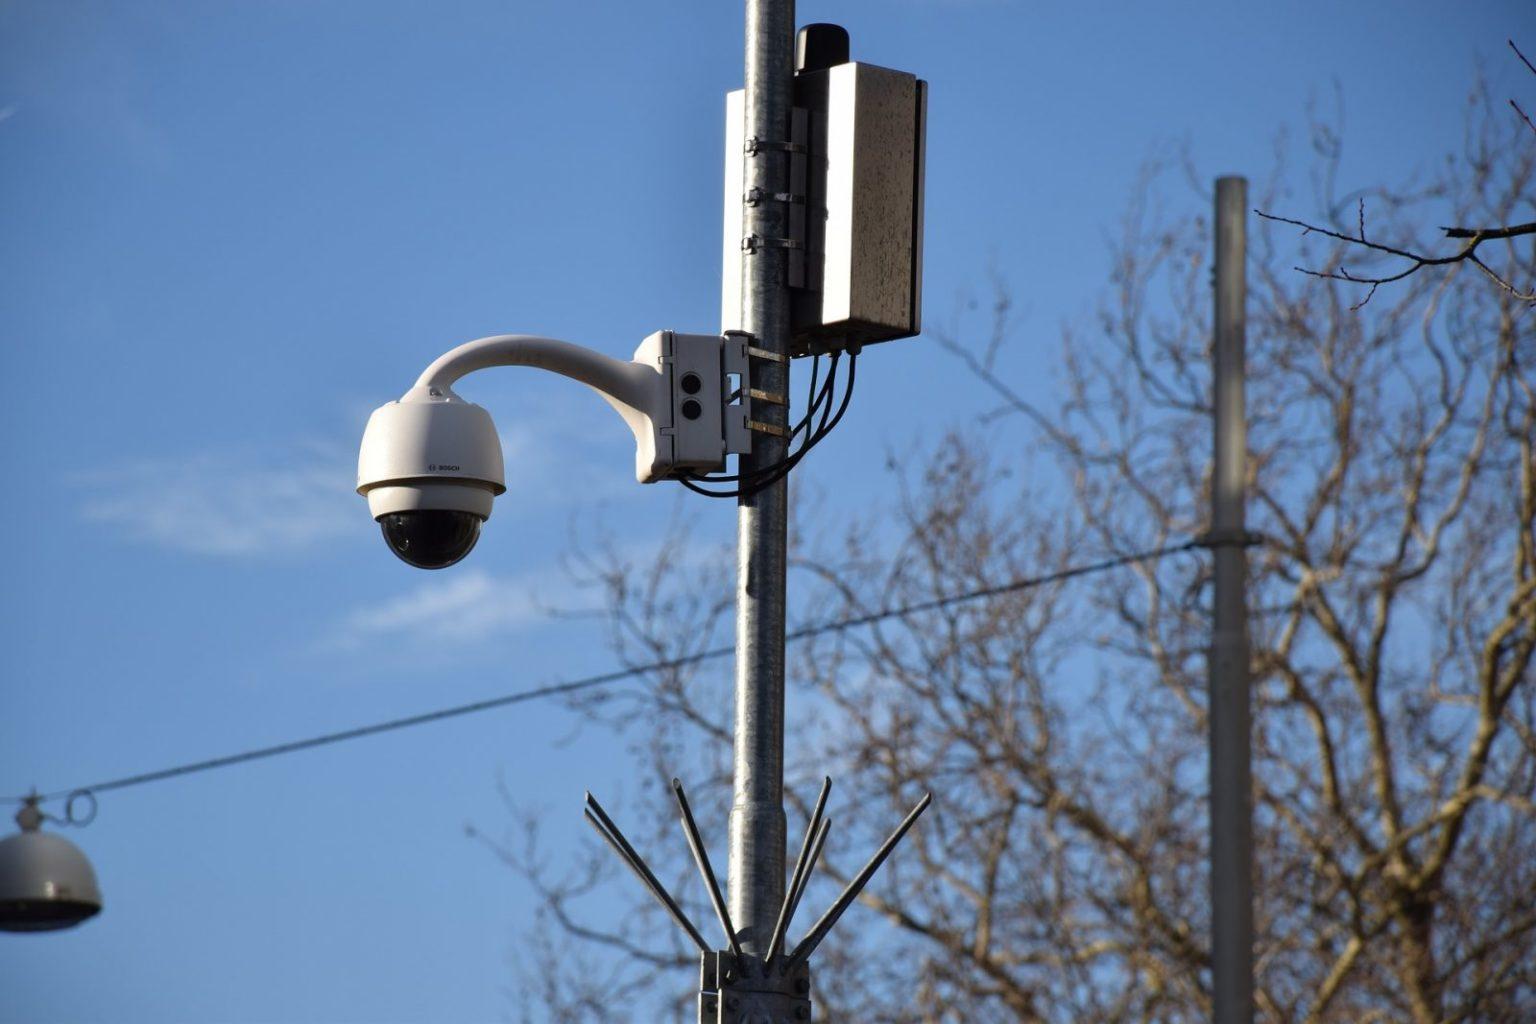 Еще более 360 камер «Сергек» планируется установить на дорогах Алматы